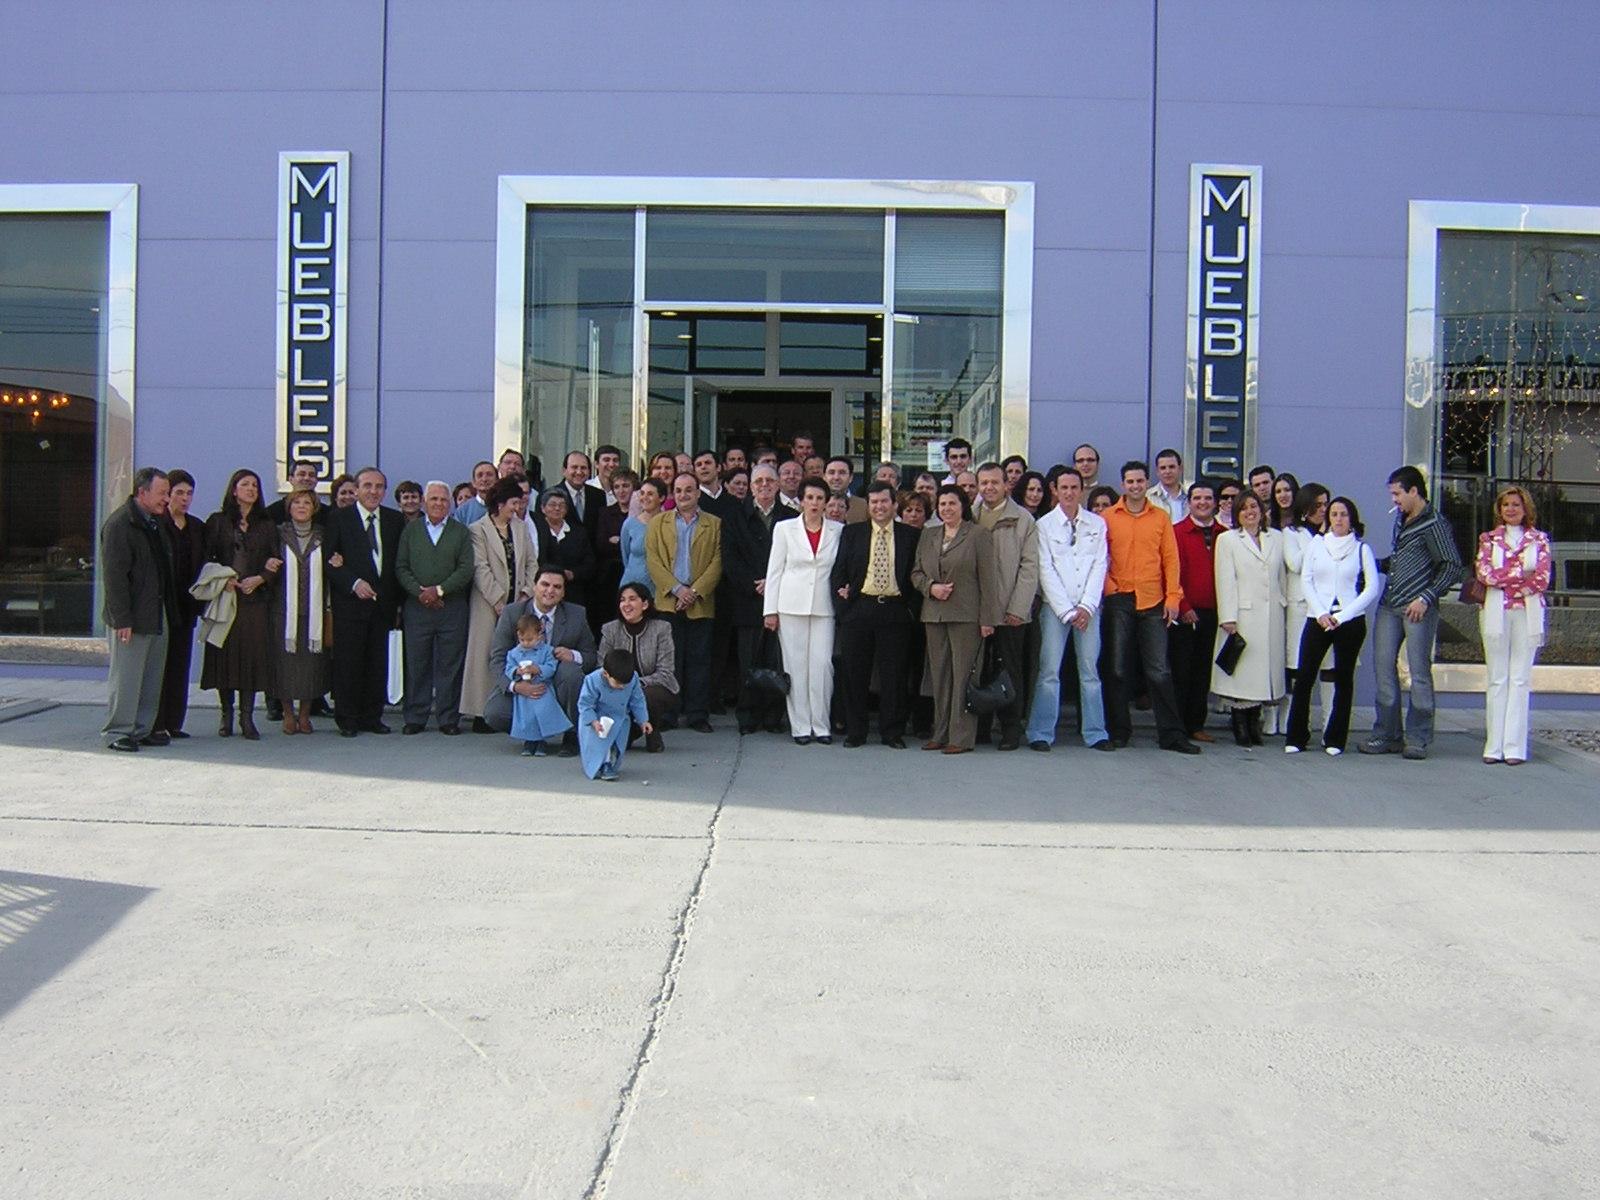 Fabricantes De Muebles Fabrica Y Tiendas Torres Y Guti Rrez # Muebles Jivicol